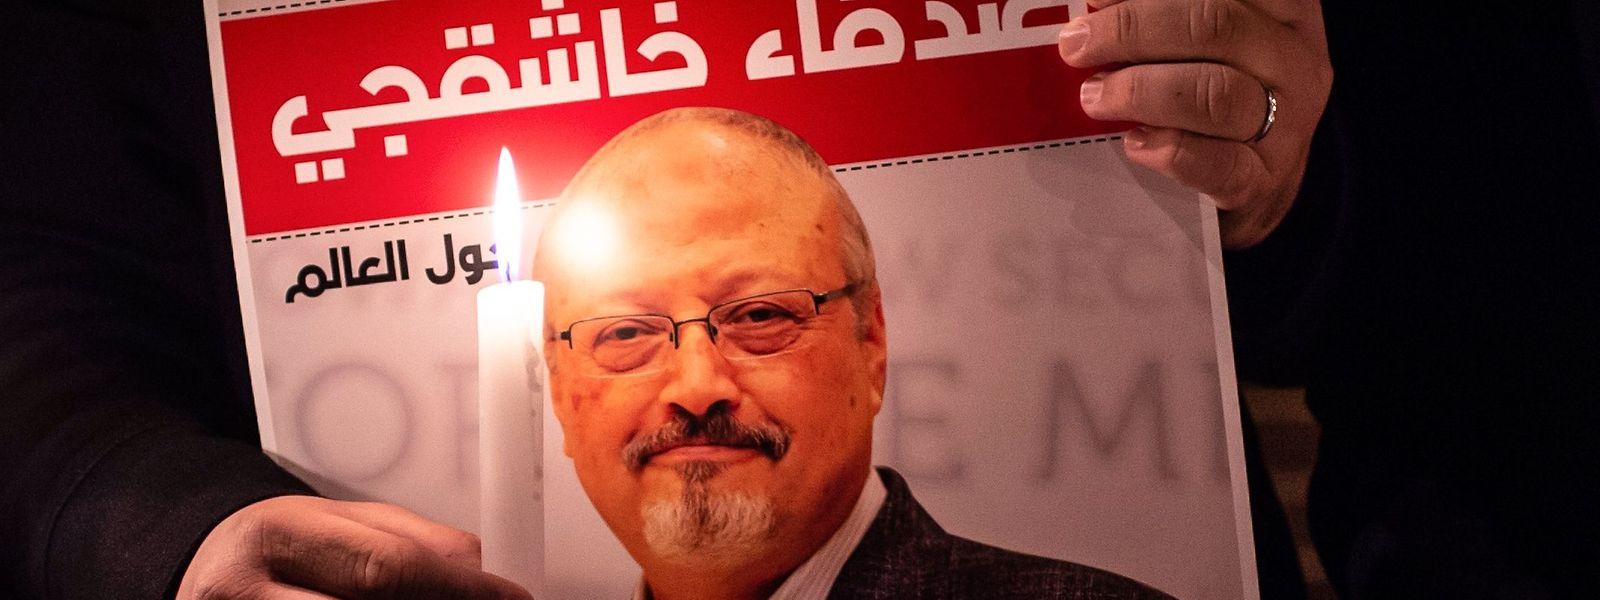 Der ermordete Journalist Jamal Khashoggi.